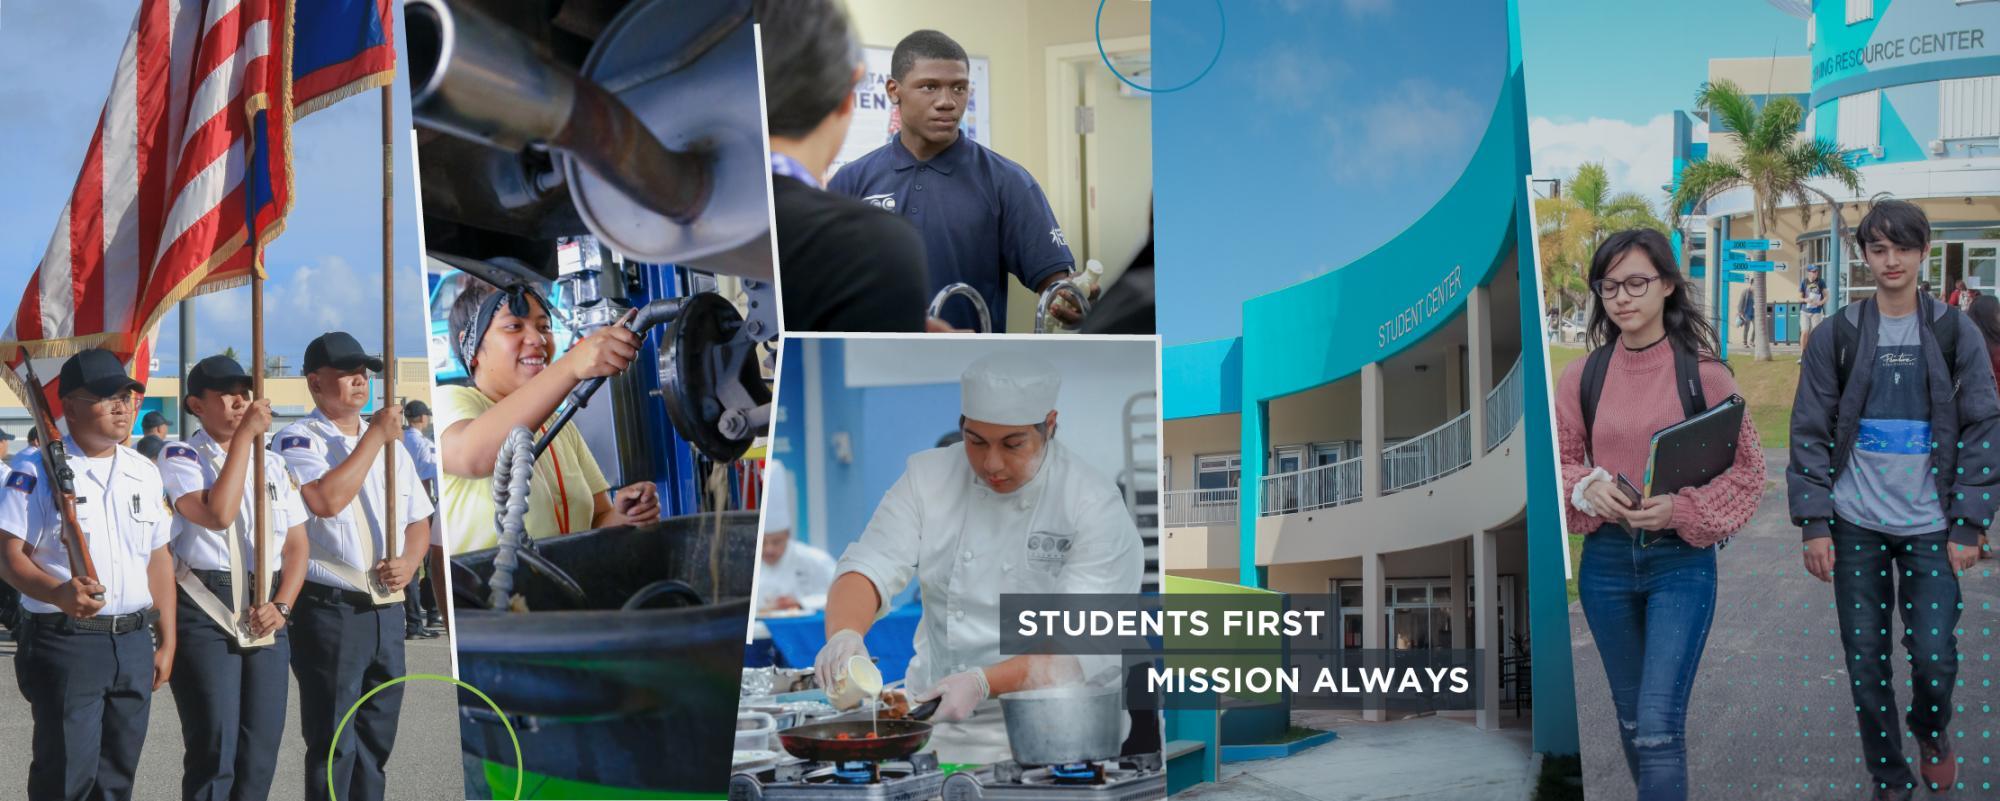 StudentFirstD